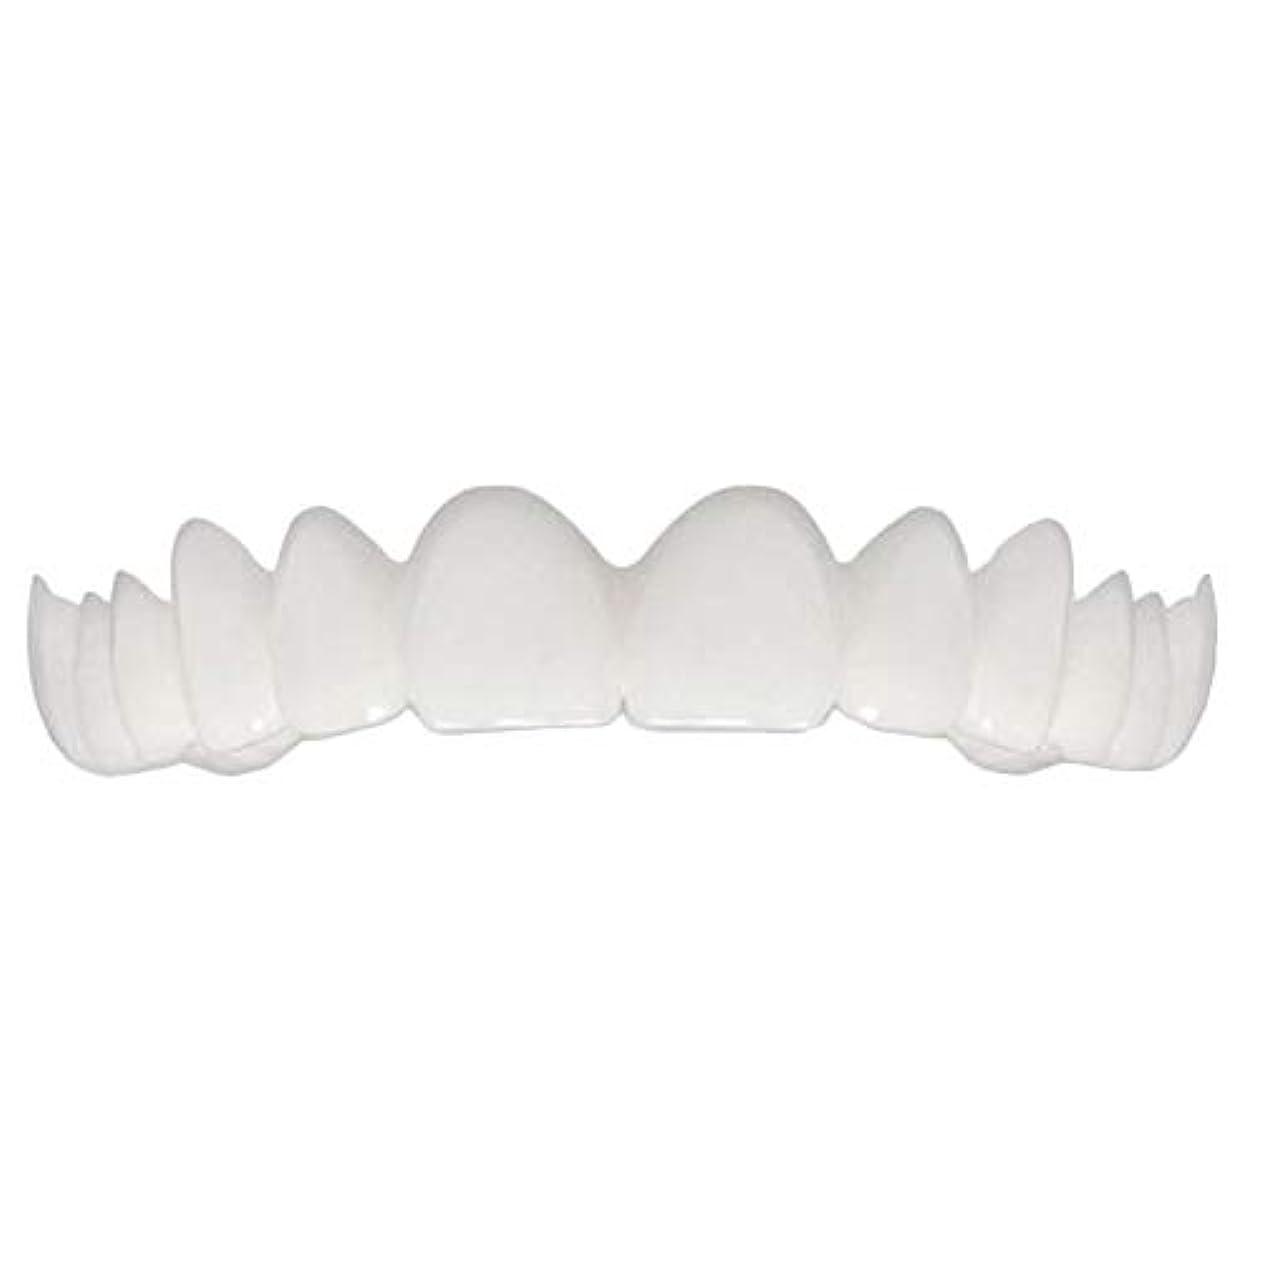 優れたトークン師匠ユニセックスシリコン模擬義歯、ホワイトニングフィット義歯(2pcs),Upper